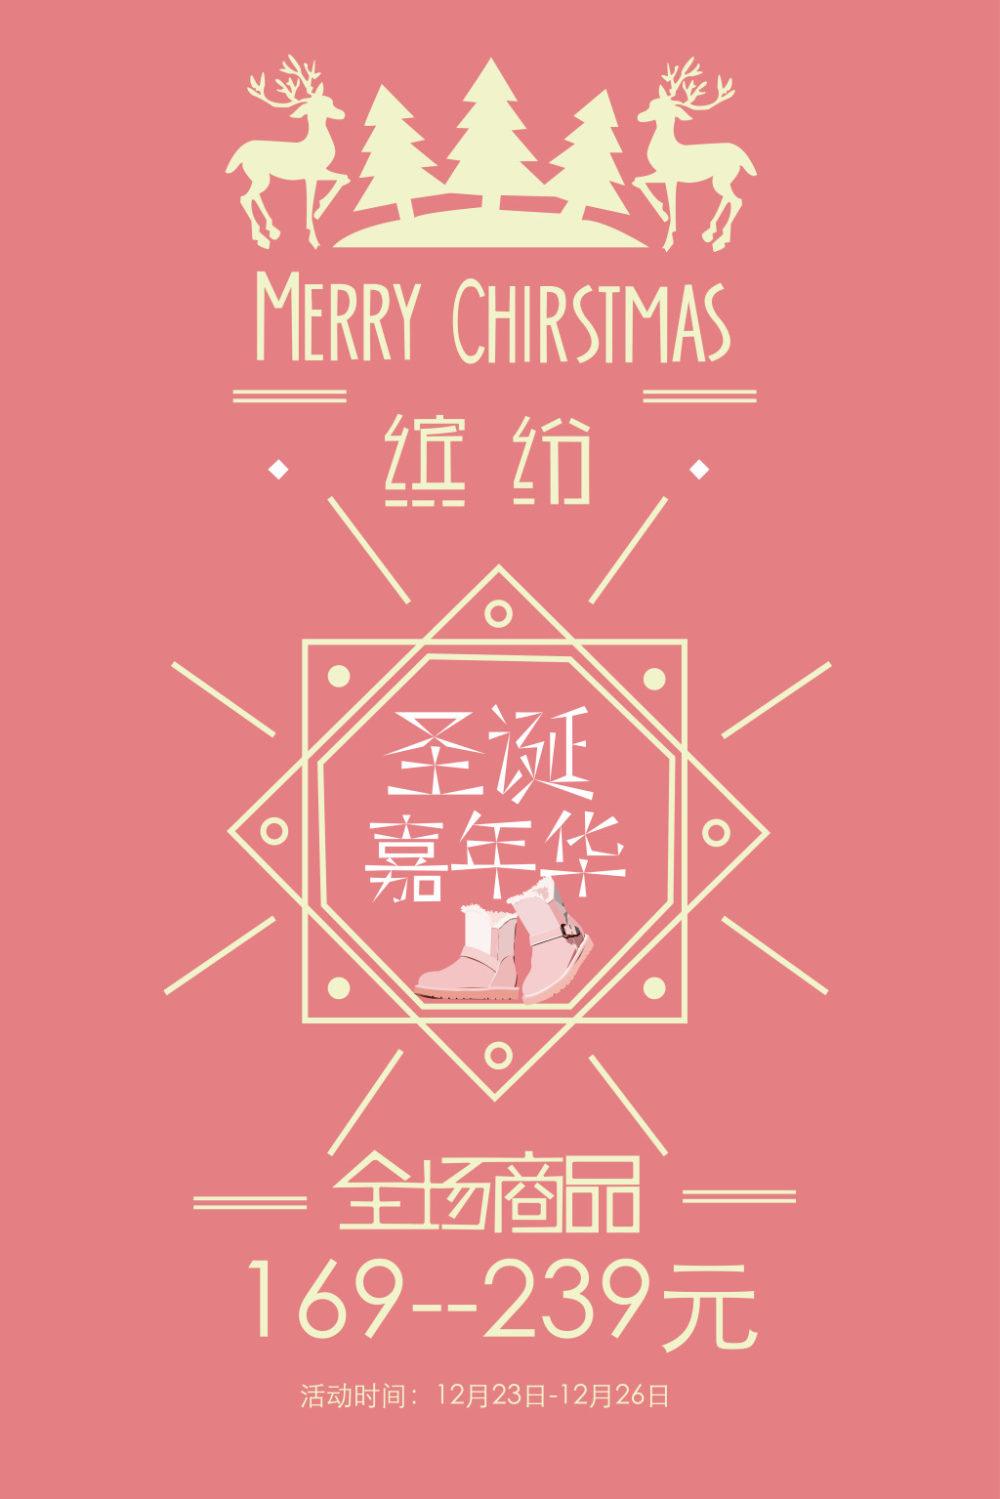 圣诞节嘉年华促销海报设计ai矢量素材